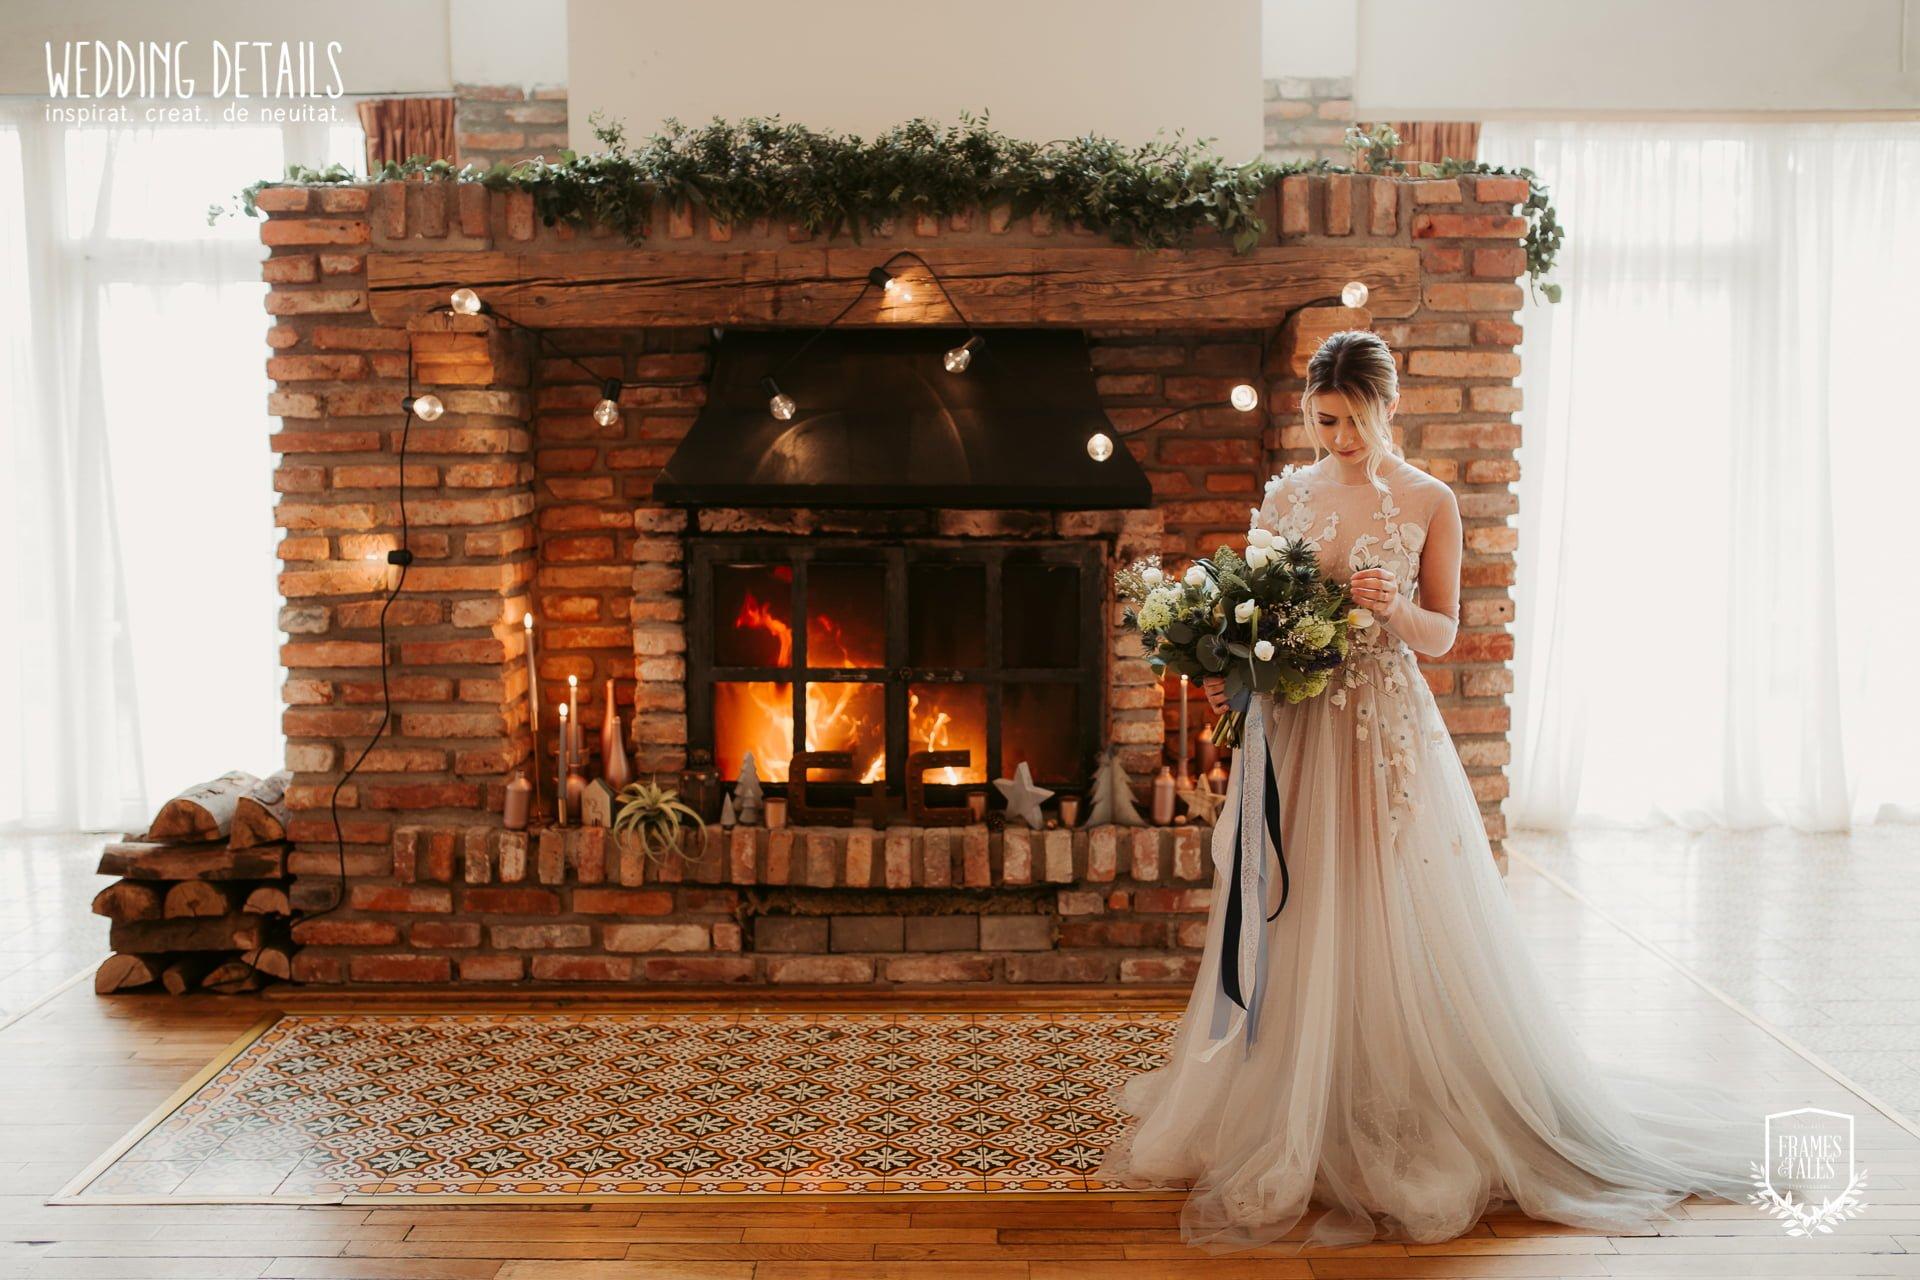 Nuntă industrială de iarnă - Sedință foto inspirațională